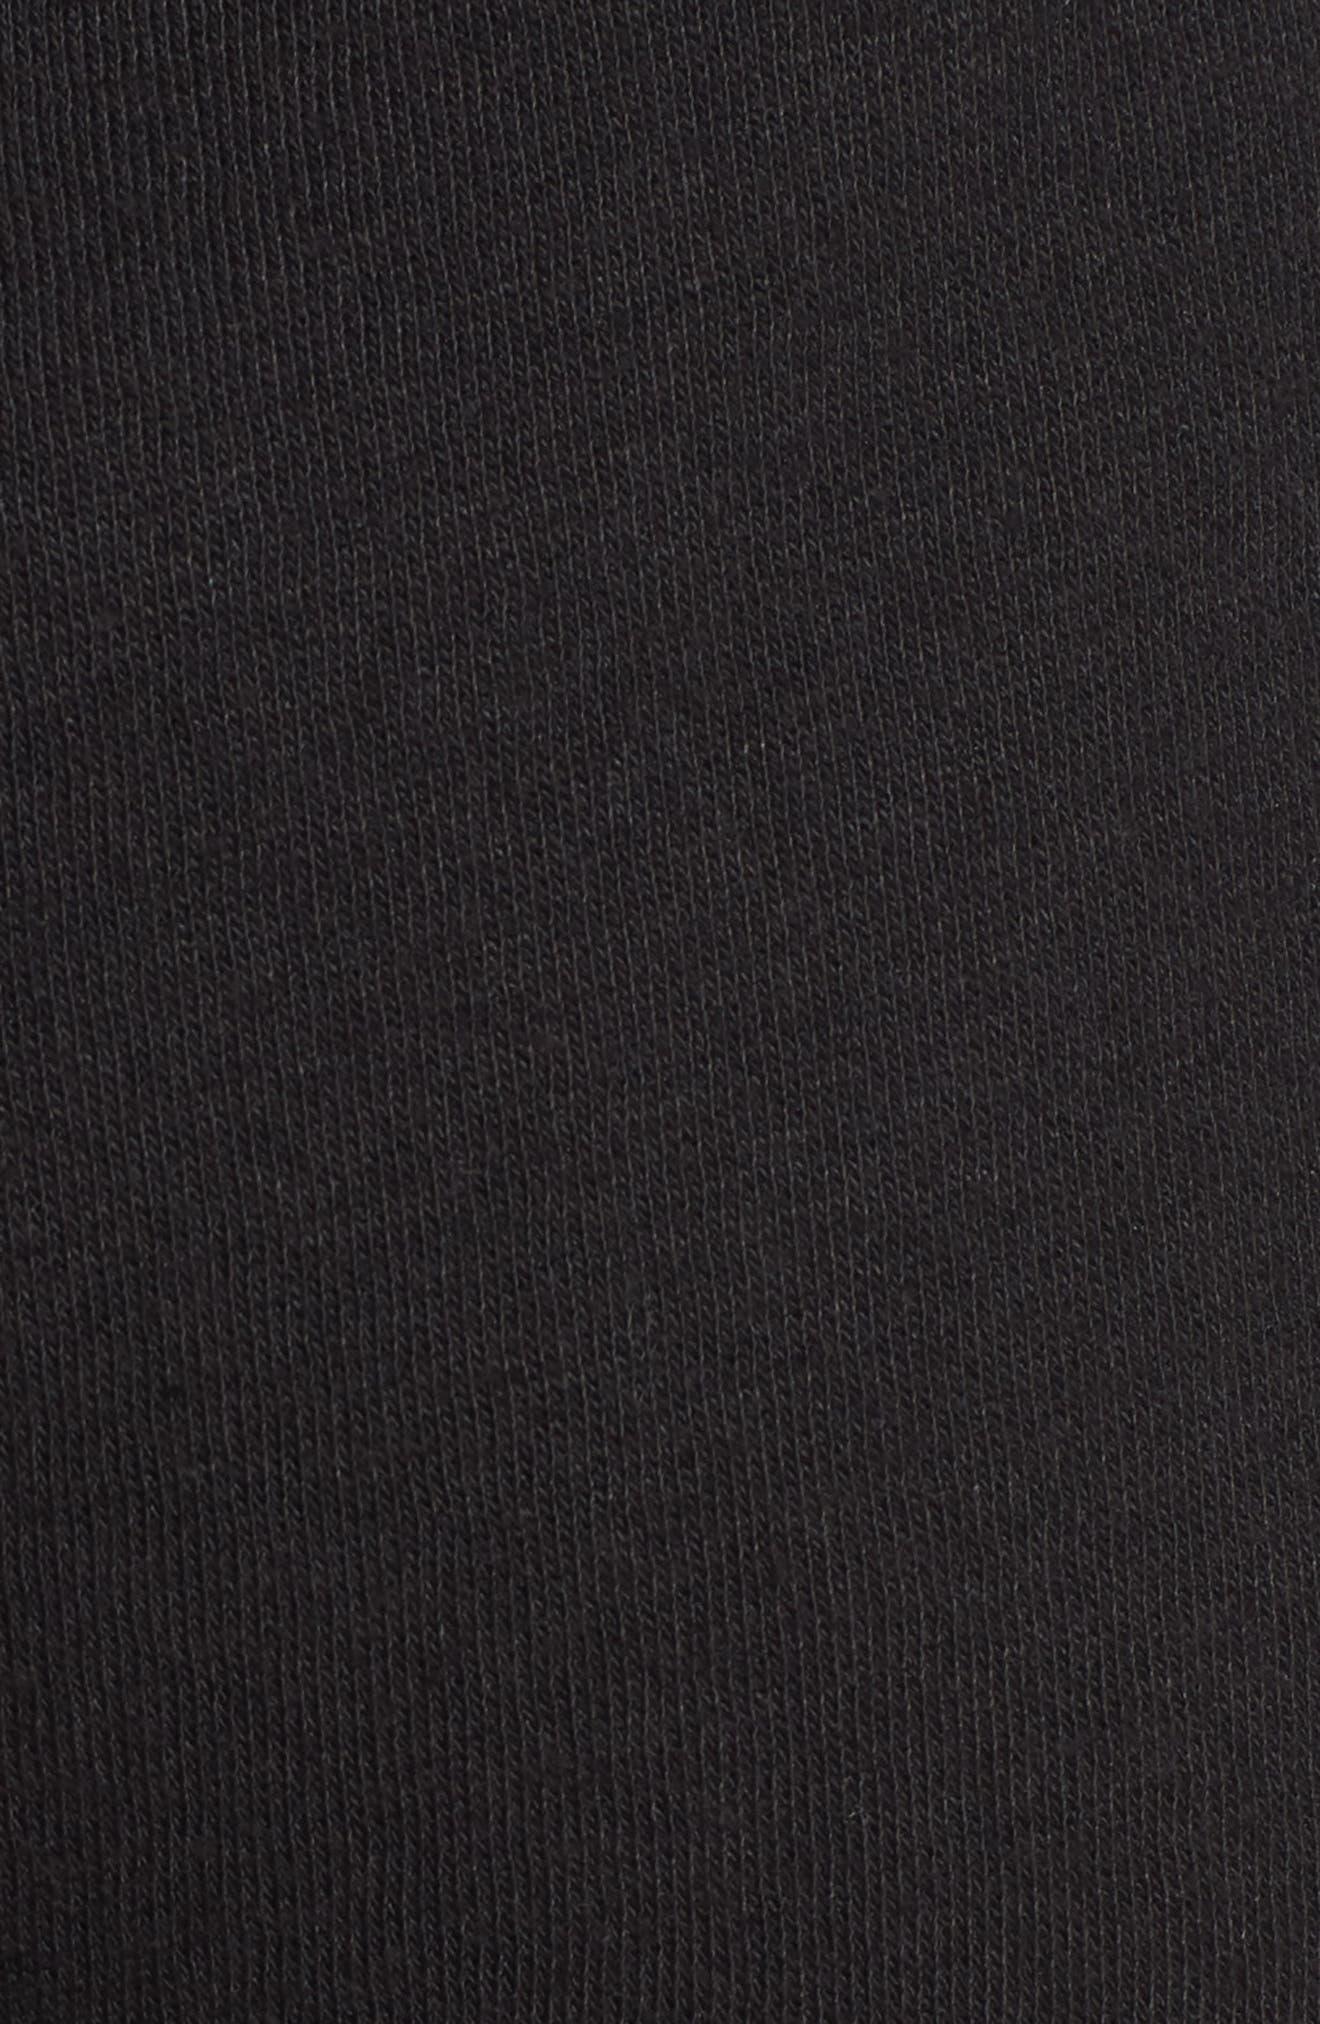 Gym & Tonic Crop Sweatpants,                             Alternate thumbnail 6, color,                             001